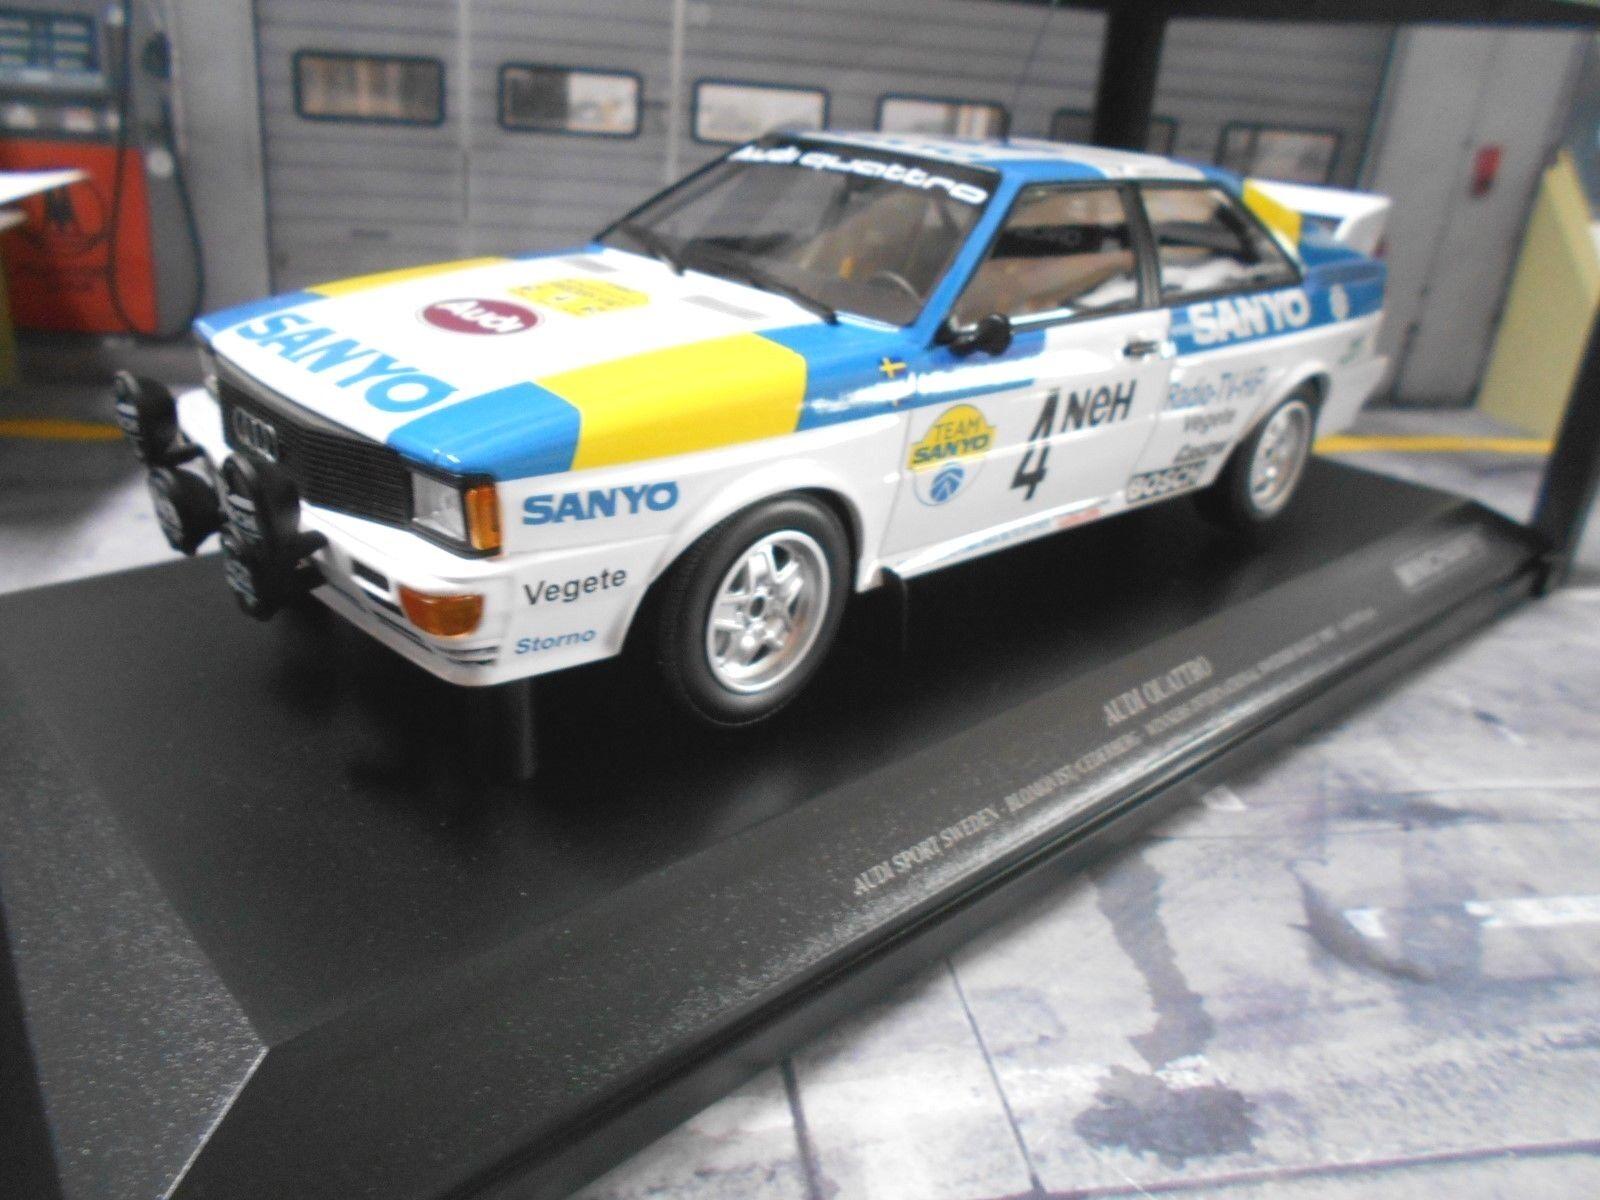 AUDI QUATTRO RALLYE taille 4 Suède 1982 Win #4 Blomqvist SANYO MINICHAMPS 1:18 | Soldes